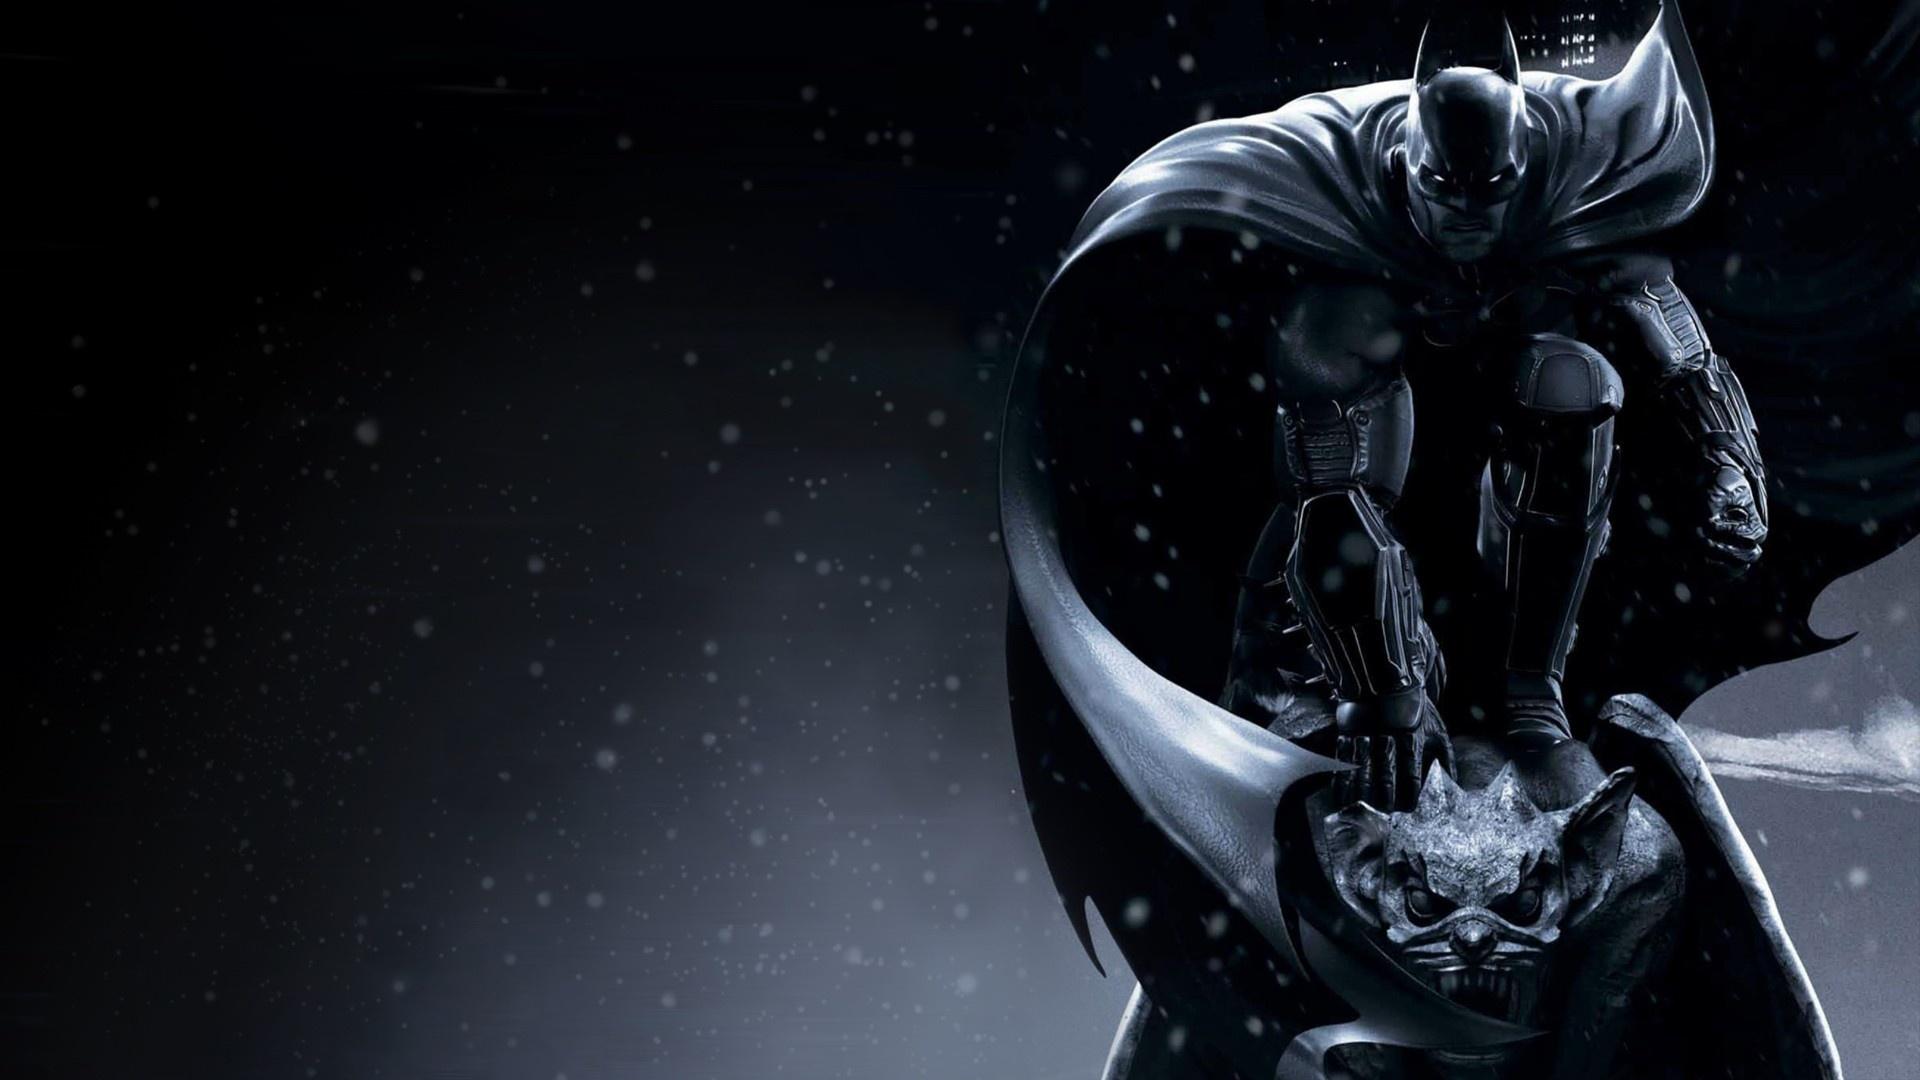 Batman Arkham Origins 2013 HD Wallpapers 1920x1080